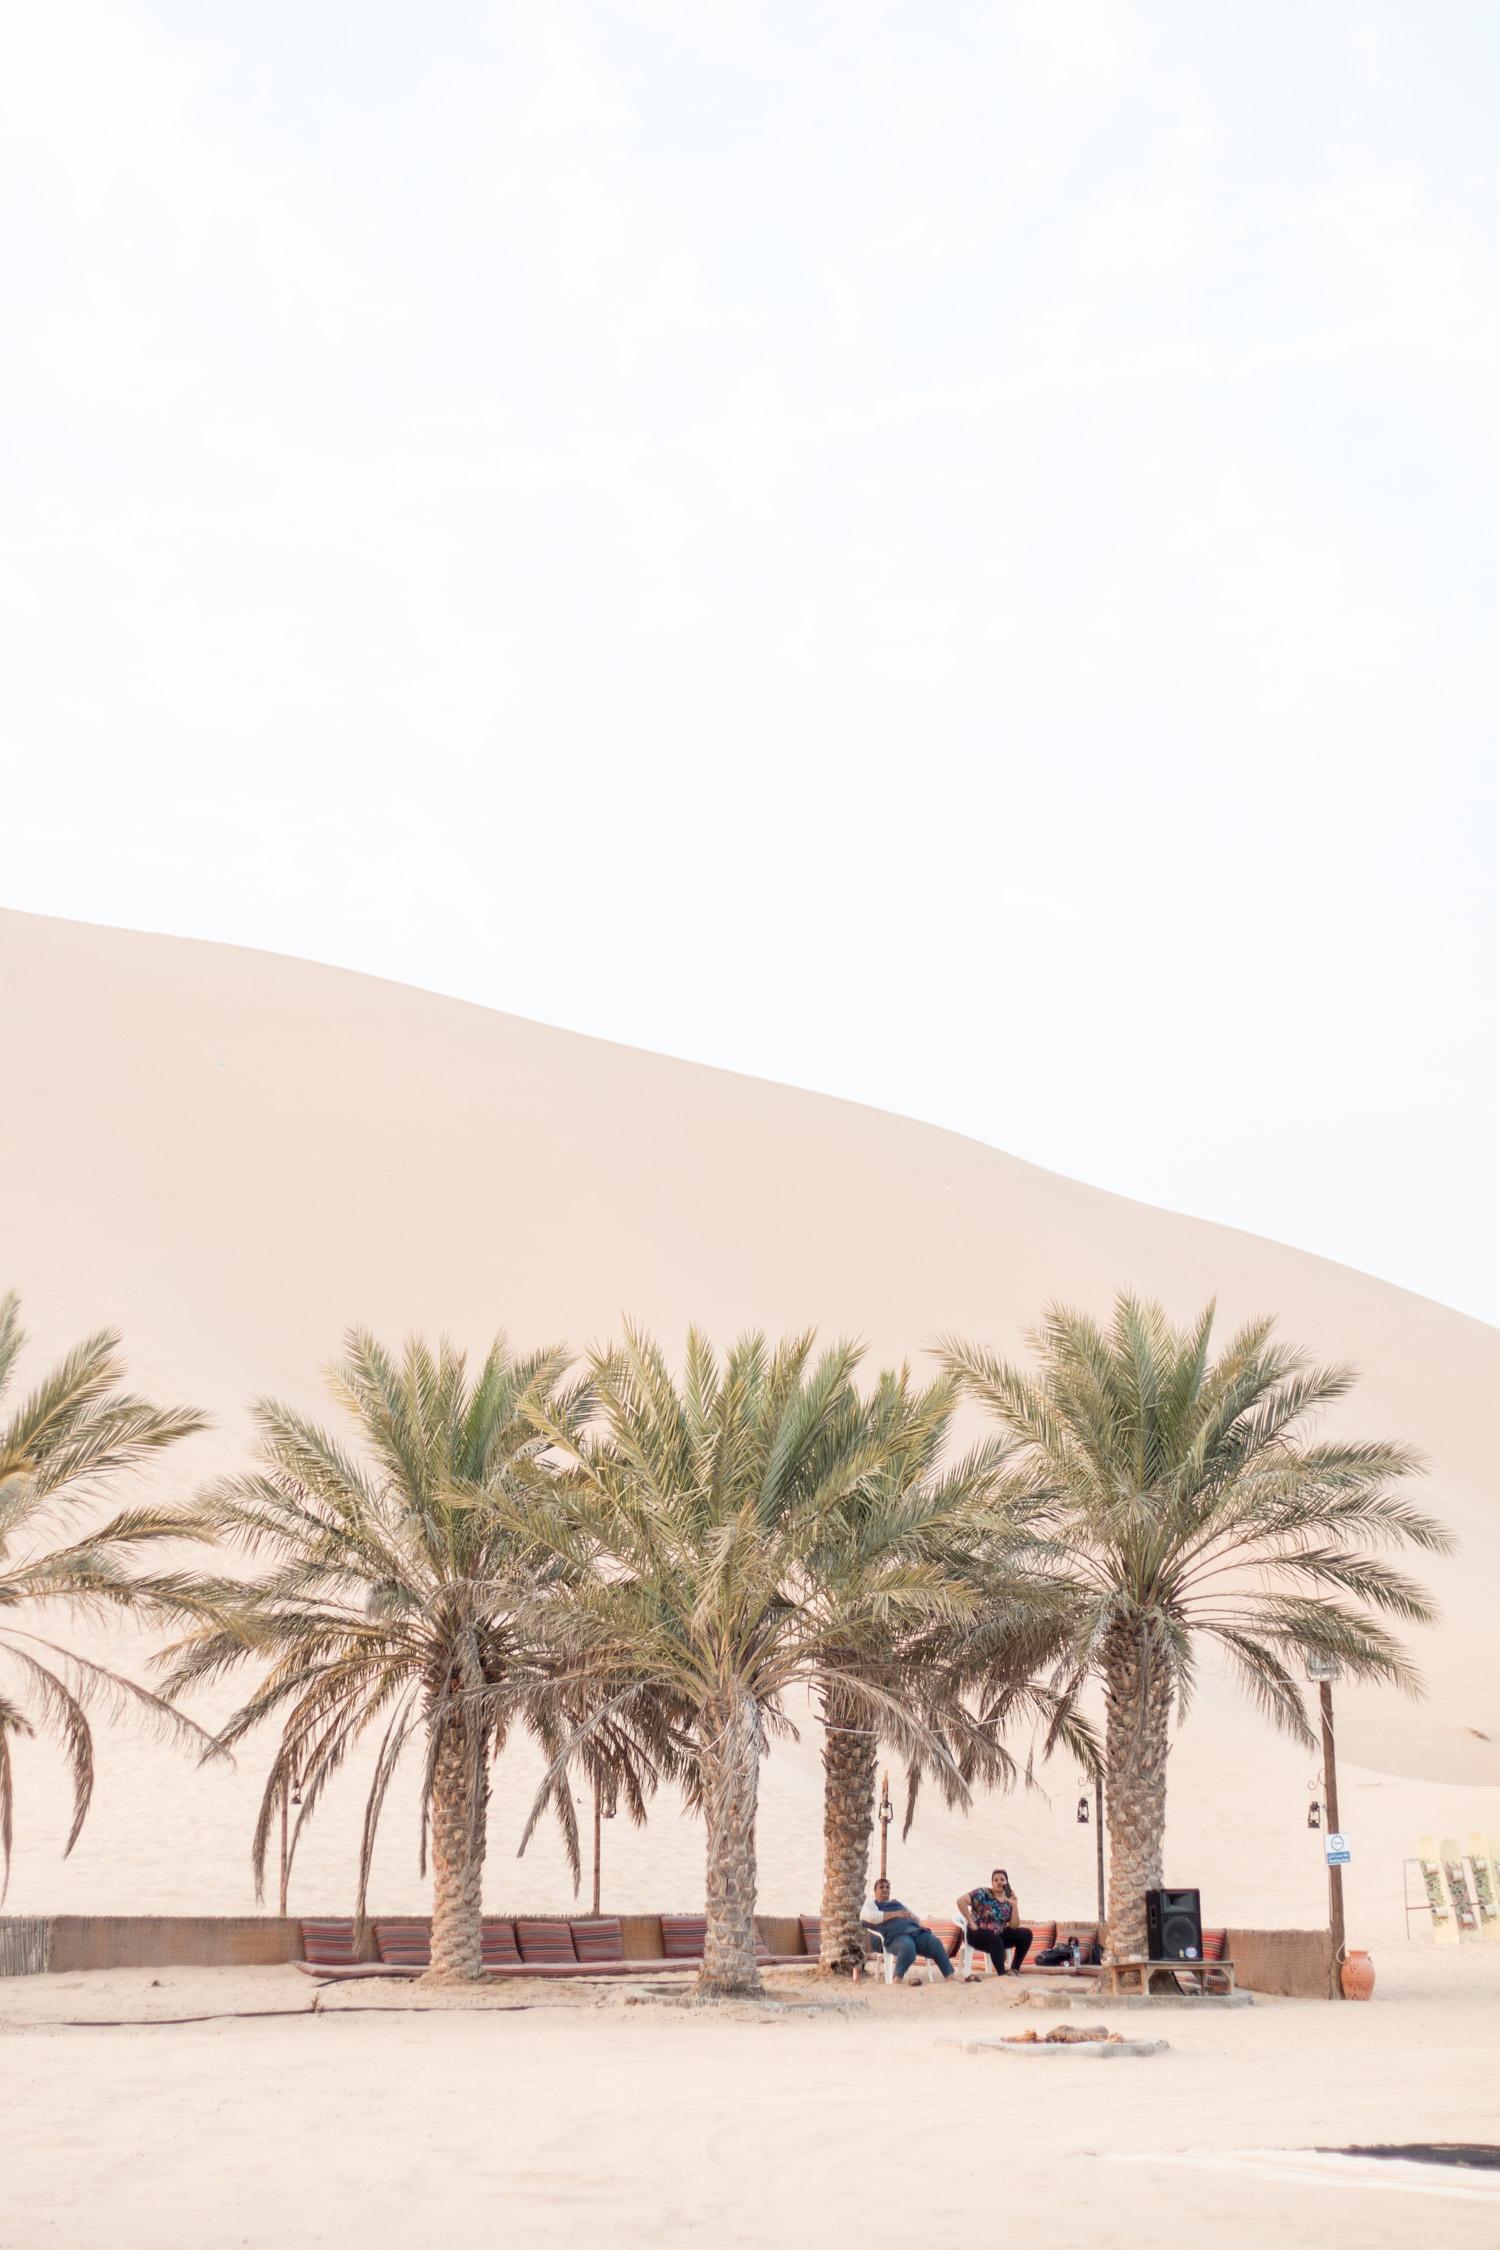 Abu-Dhabi-Memories-40